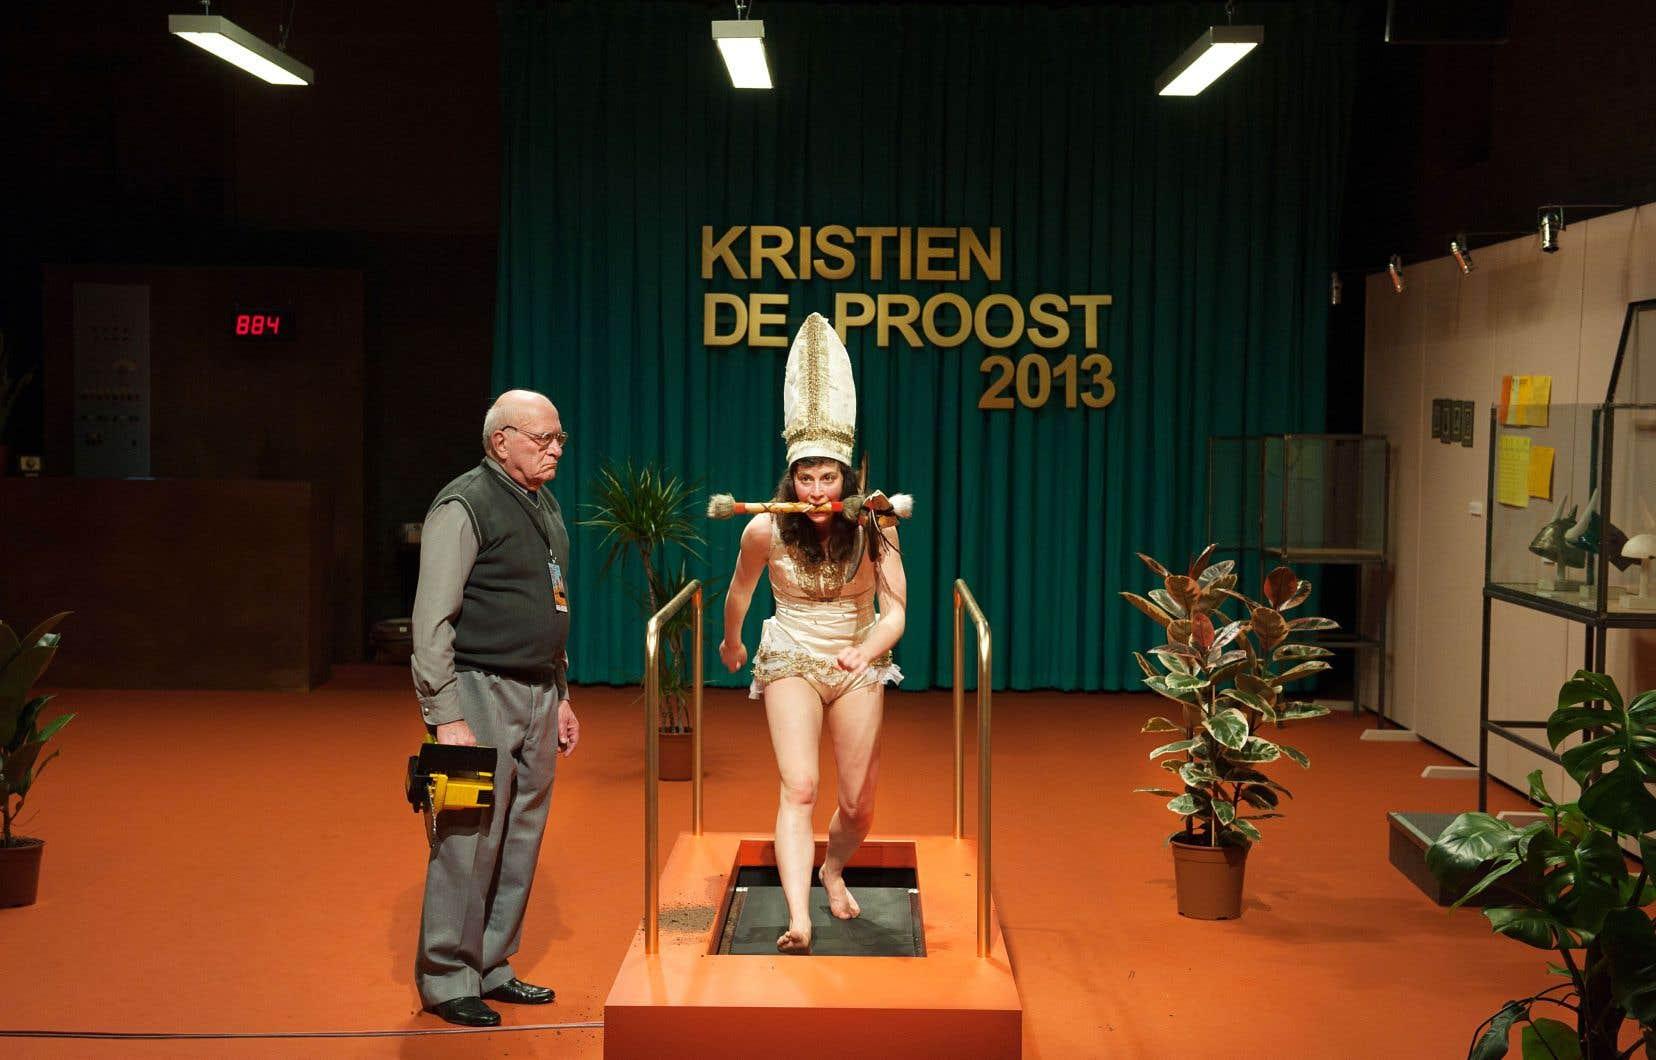 Depuis 2013, Kristien et Mark De Proost sont en tournée ensemble. «Il a septante-huit ans. Il joue bien, il a une bonne présence sur scène», dit la créatrice de son père et complice sur scène.